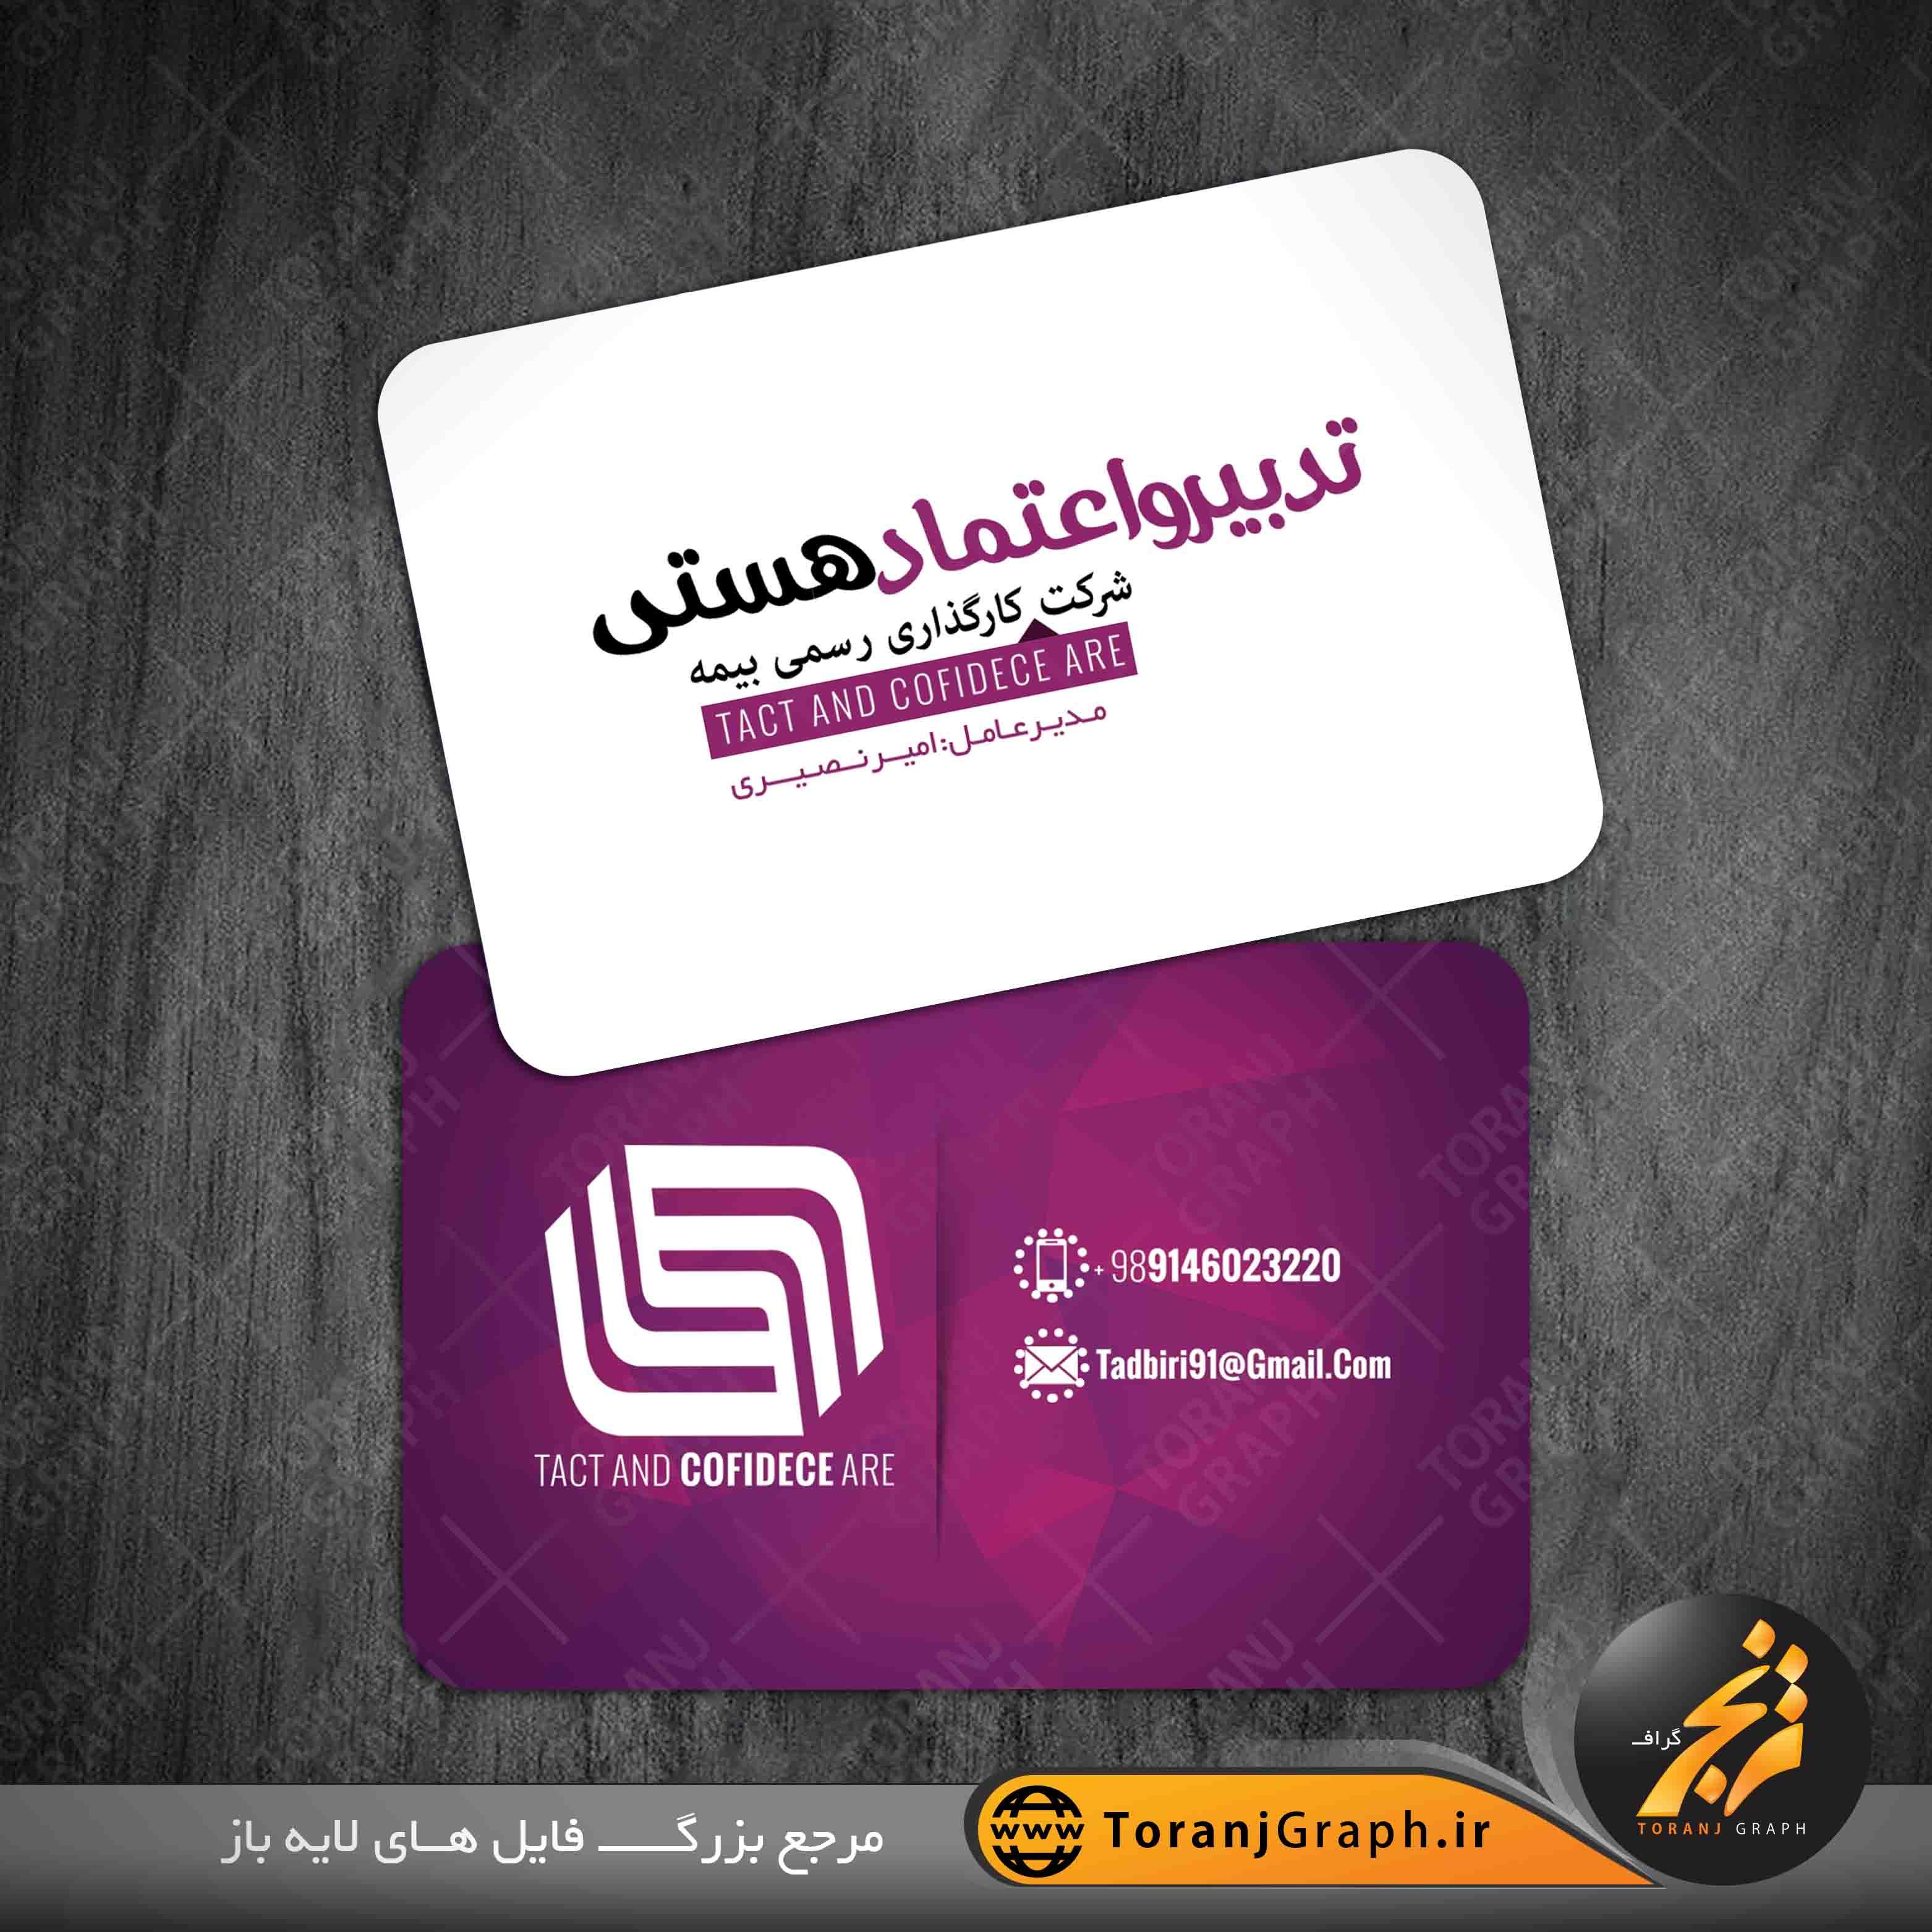 کارت ویزیت کارگزاری بیمه تدبیر و اعتماد هستی